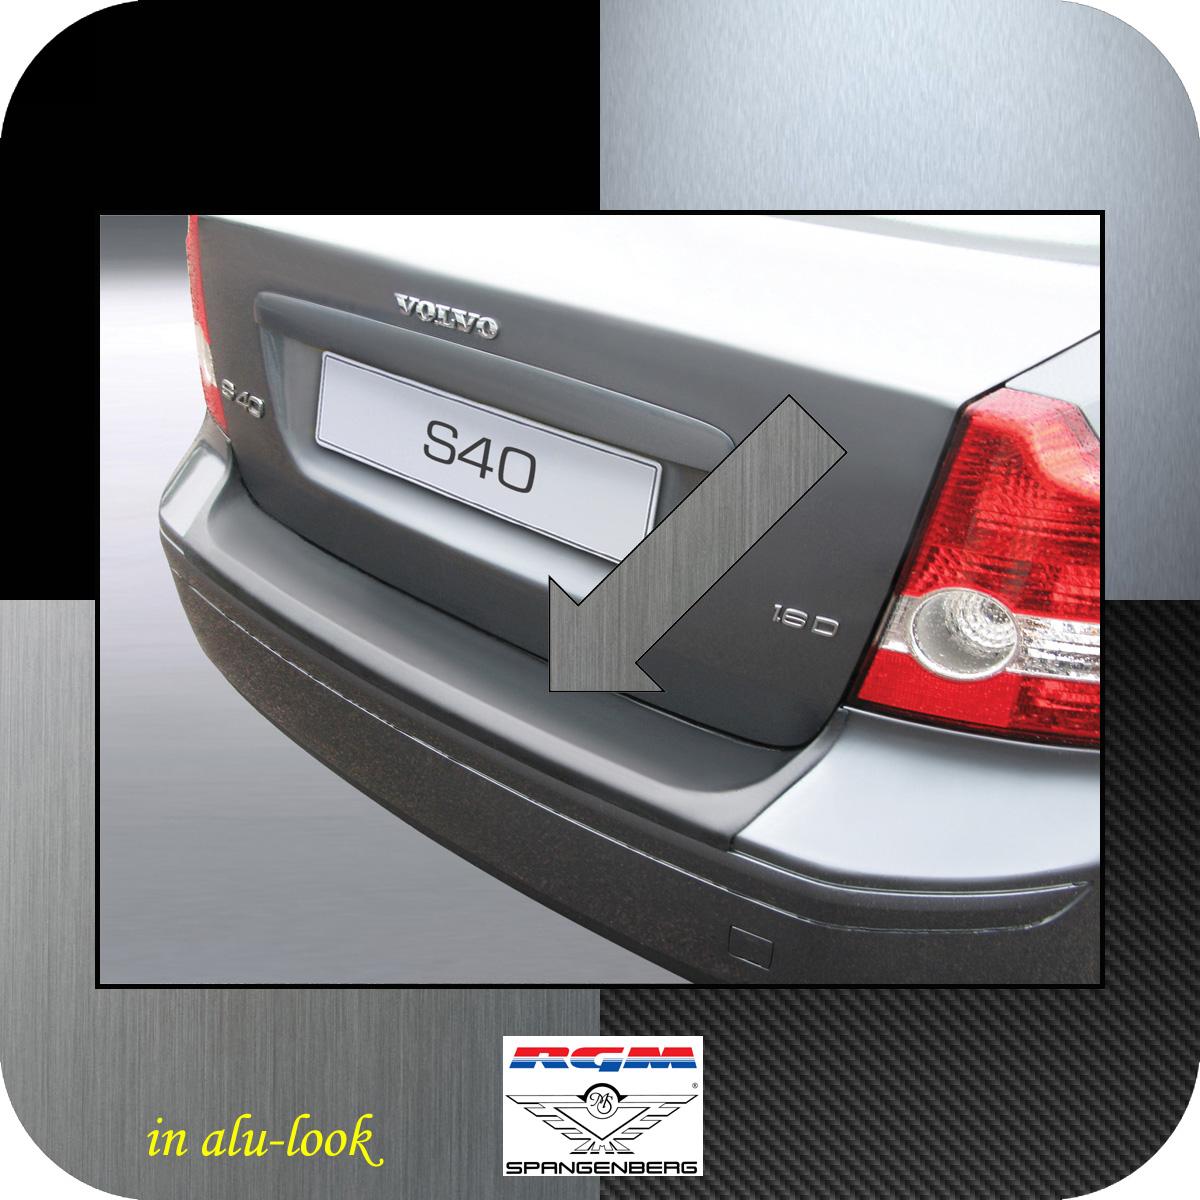 Ladekantenschutz Alu-Look Volvo S40 II Limousine vor Mopf 2004-2007 3504417